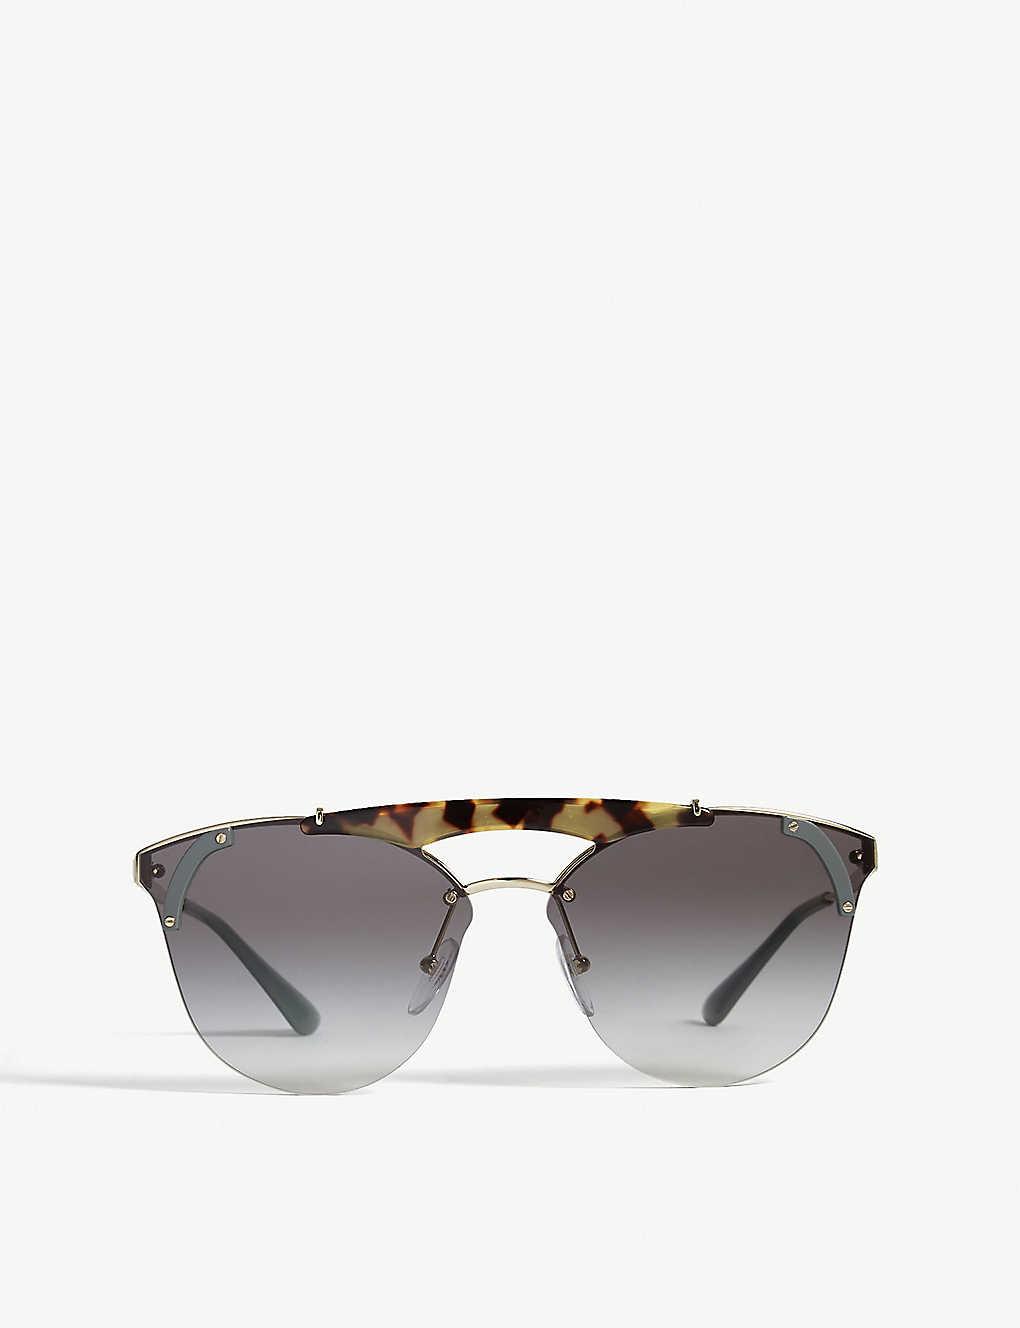 de6d8f599 PRADA - Pr53us round-frame sunglasses | Selfridges.com